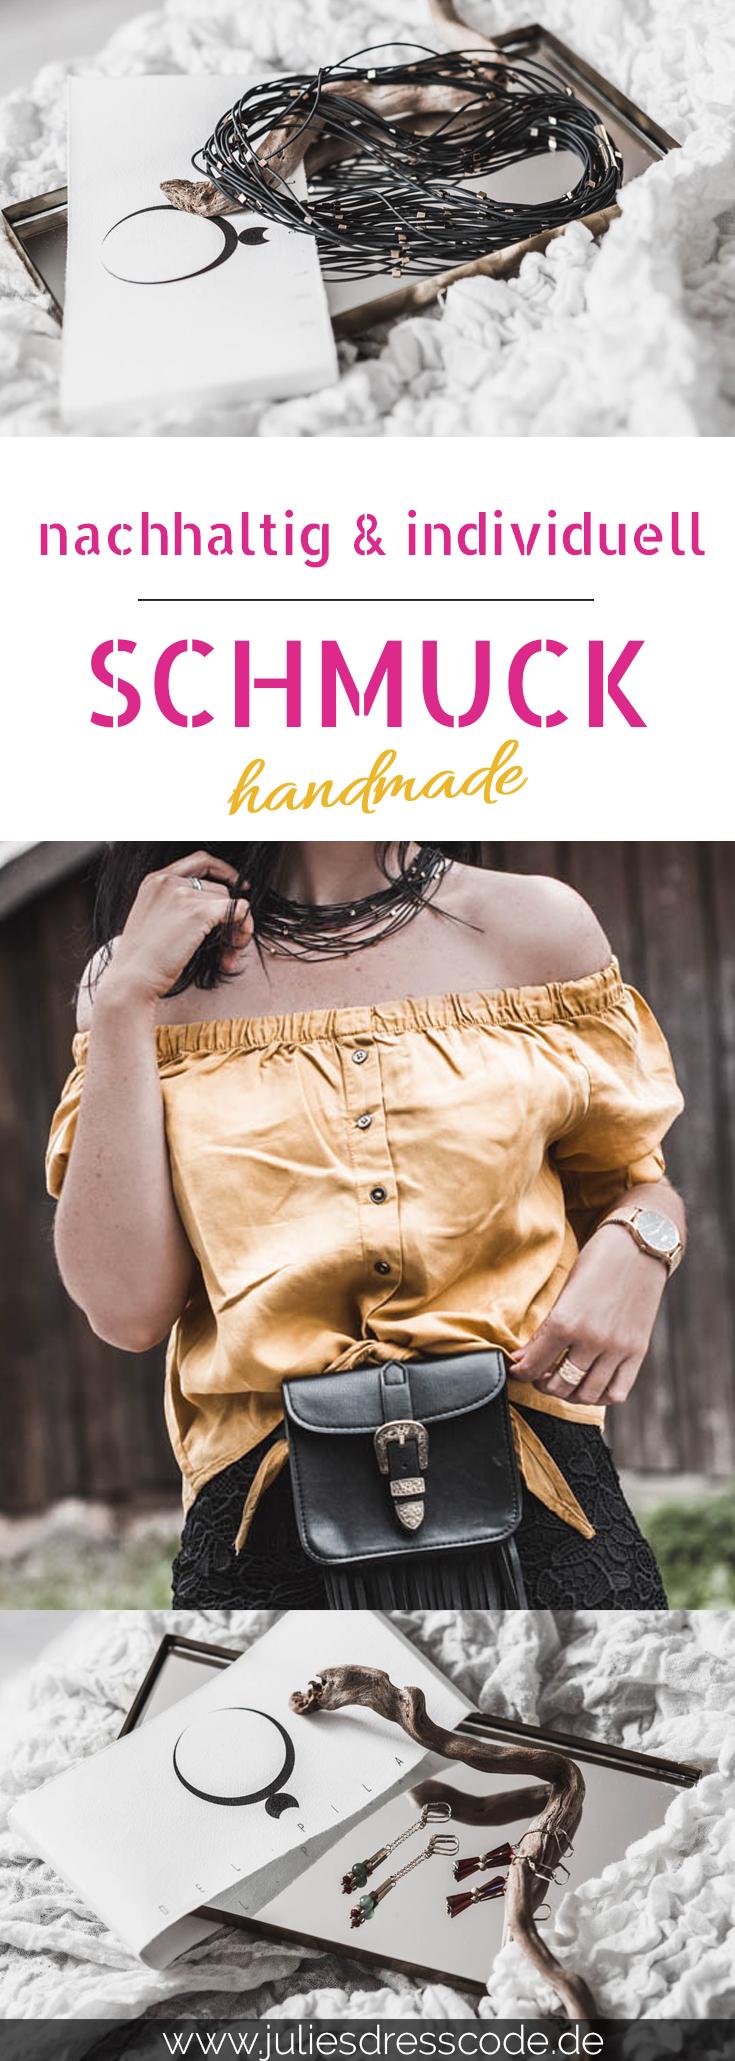 Del Pilar - handgemachter Schmuck aus Berlin Julies Dresscode Fashion Lifestyle Blog